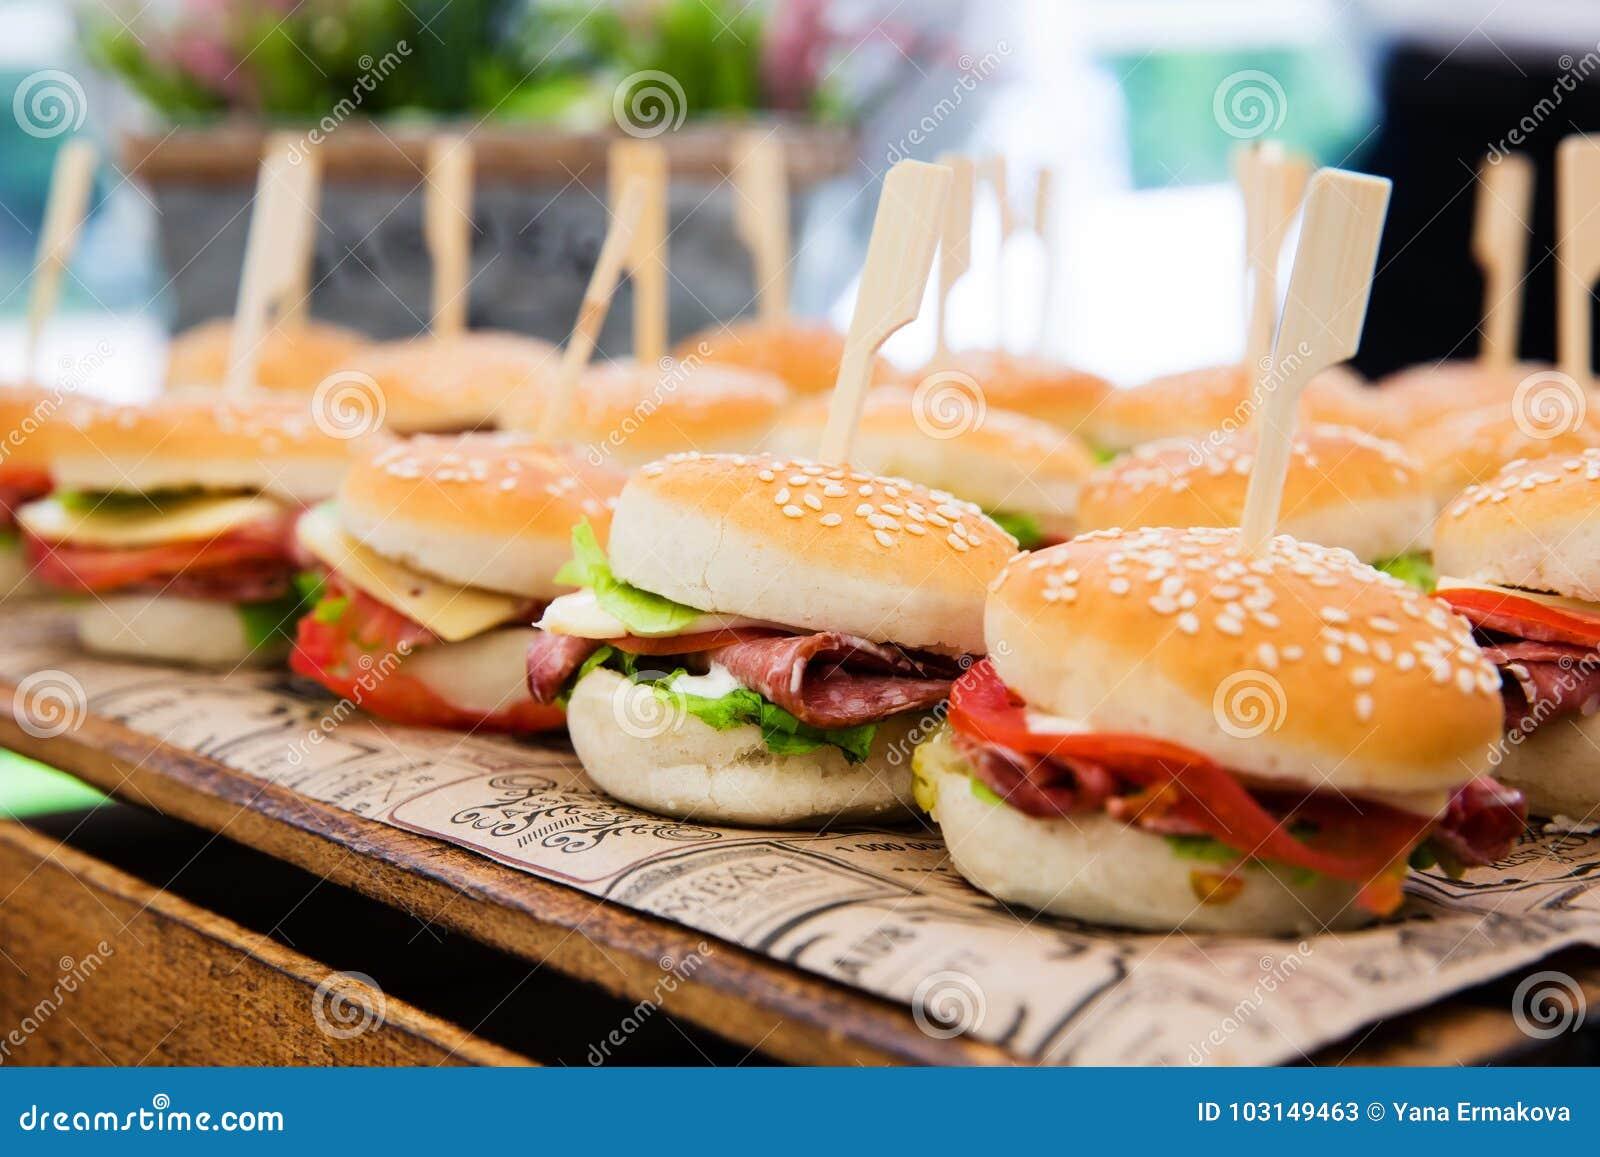 Cheeseburgers met groenten